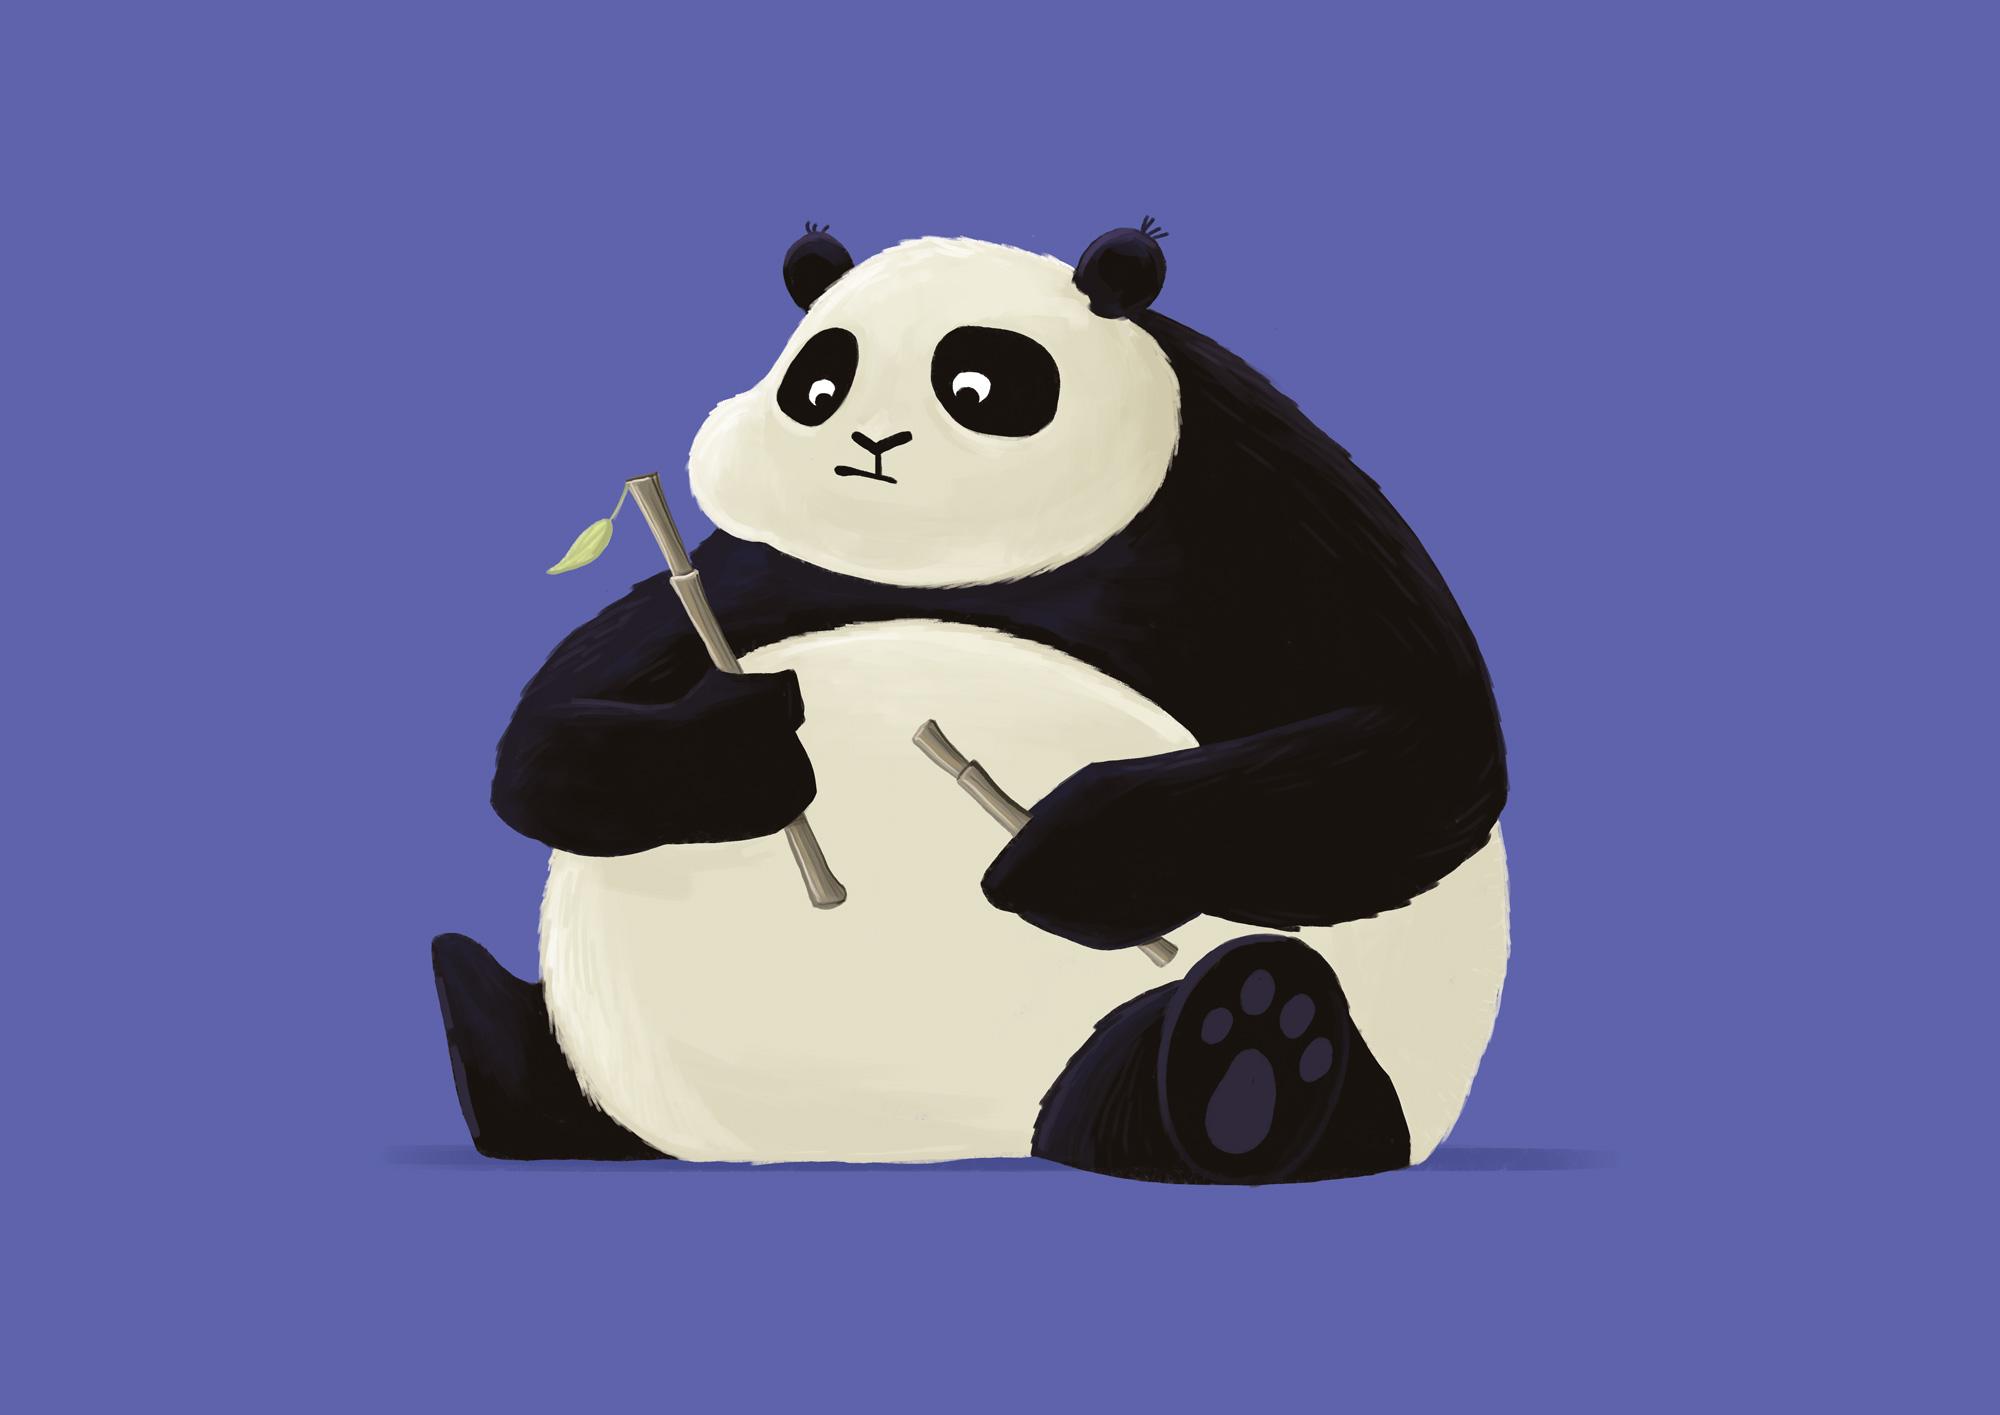 Panda by Wouter Pasman